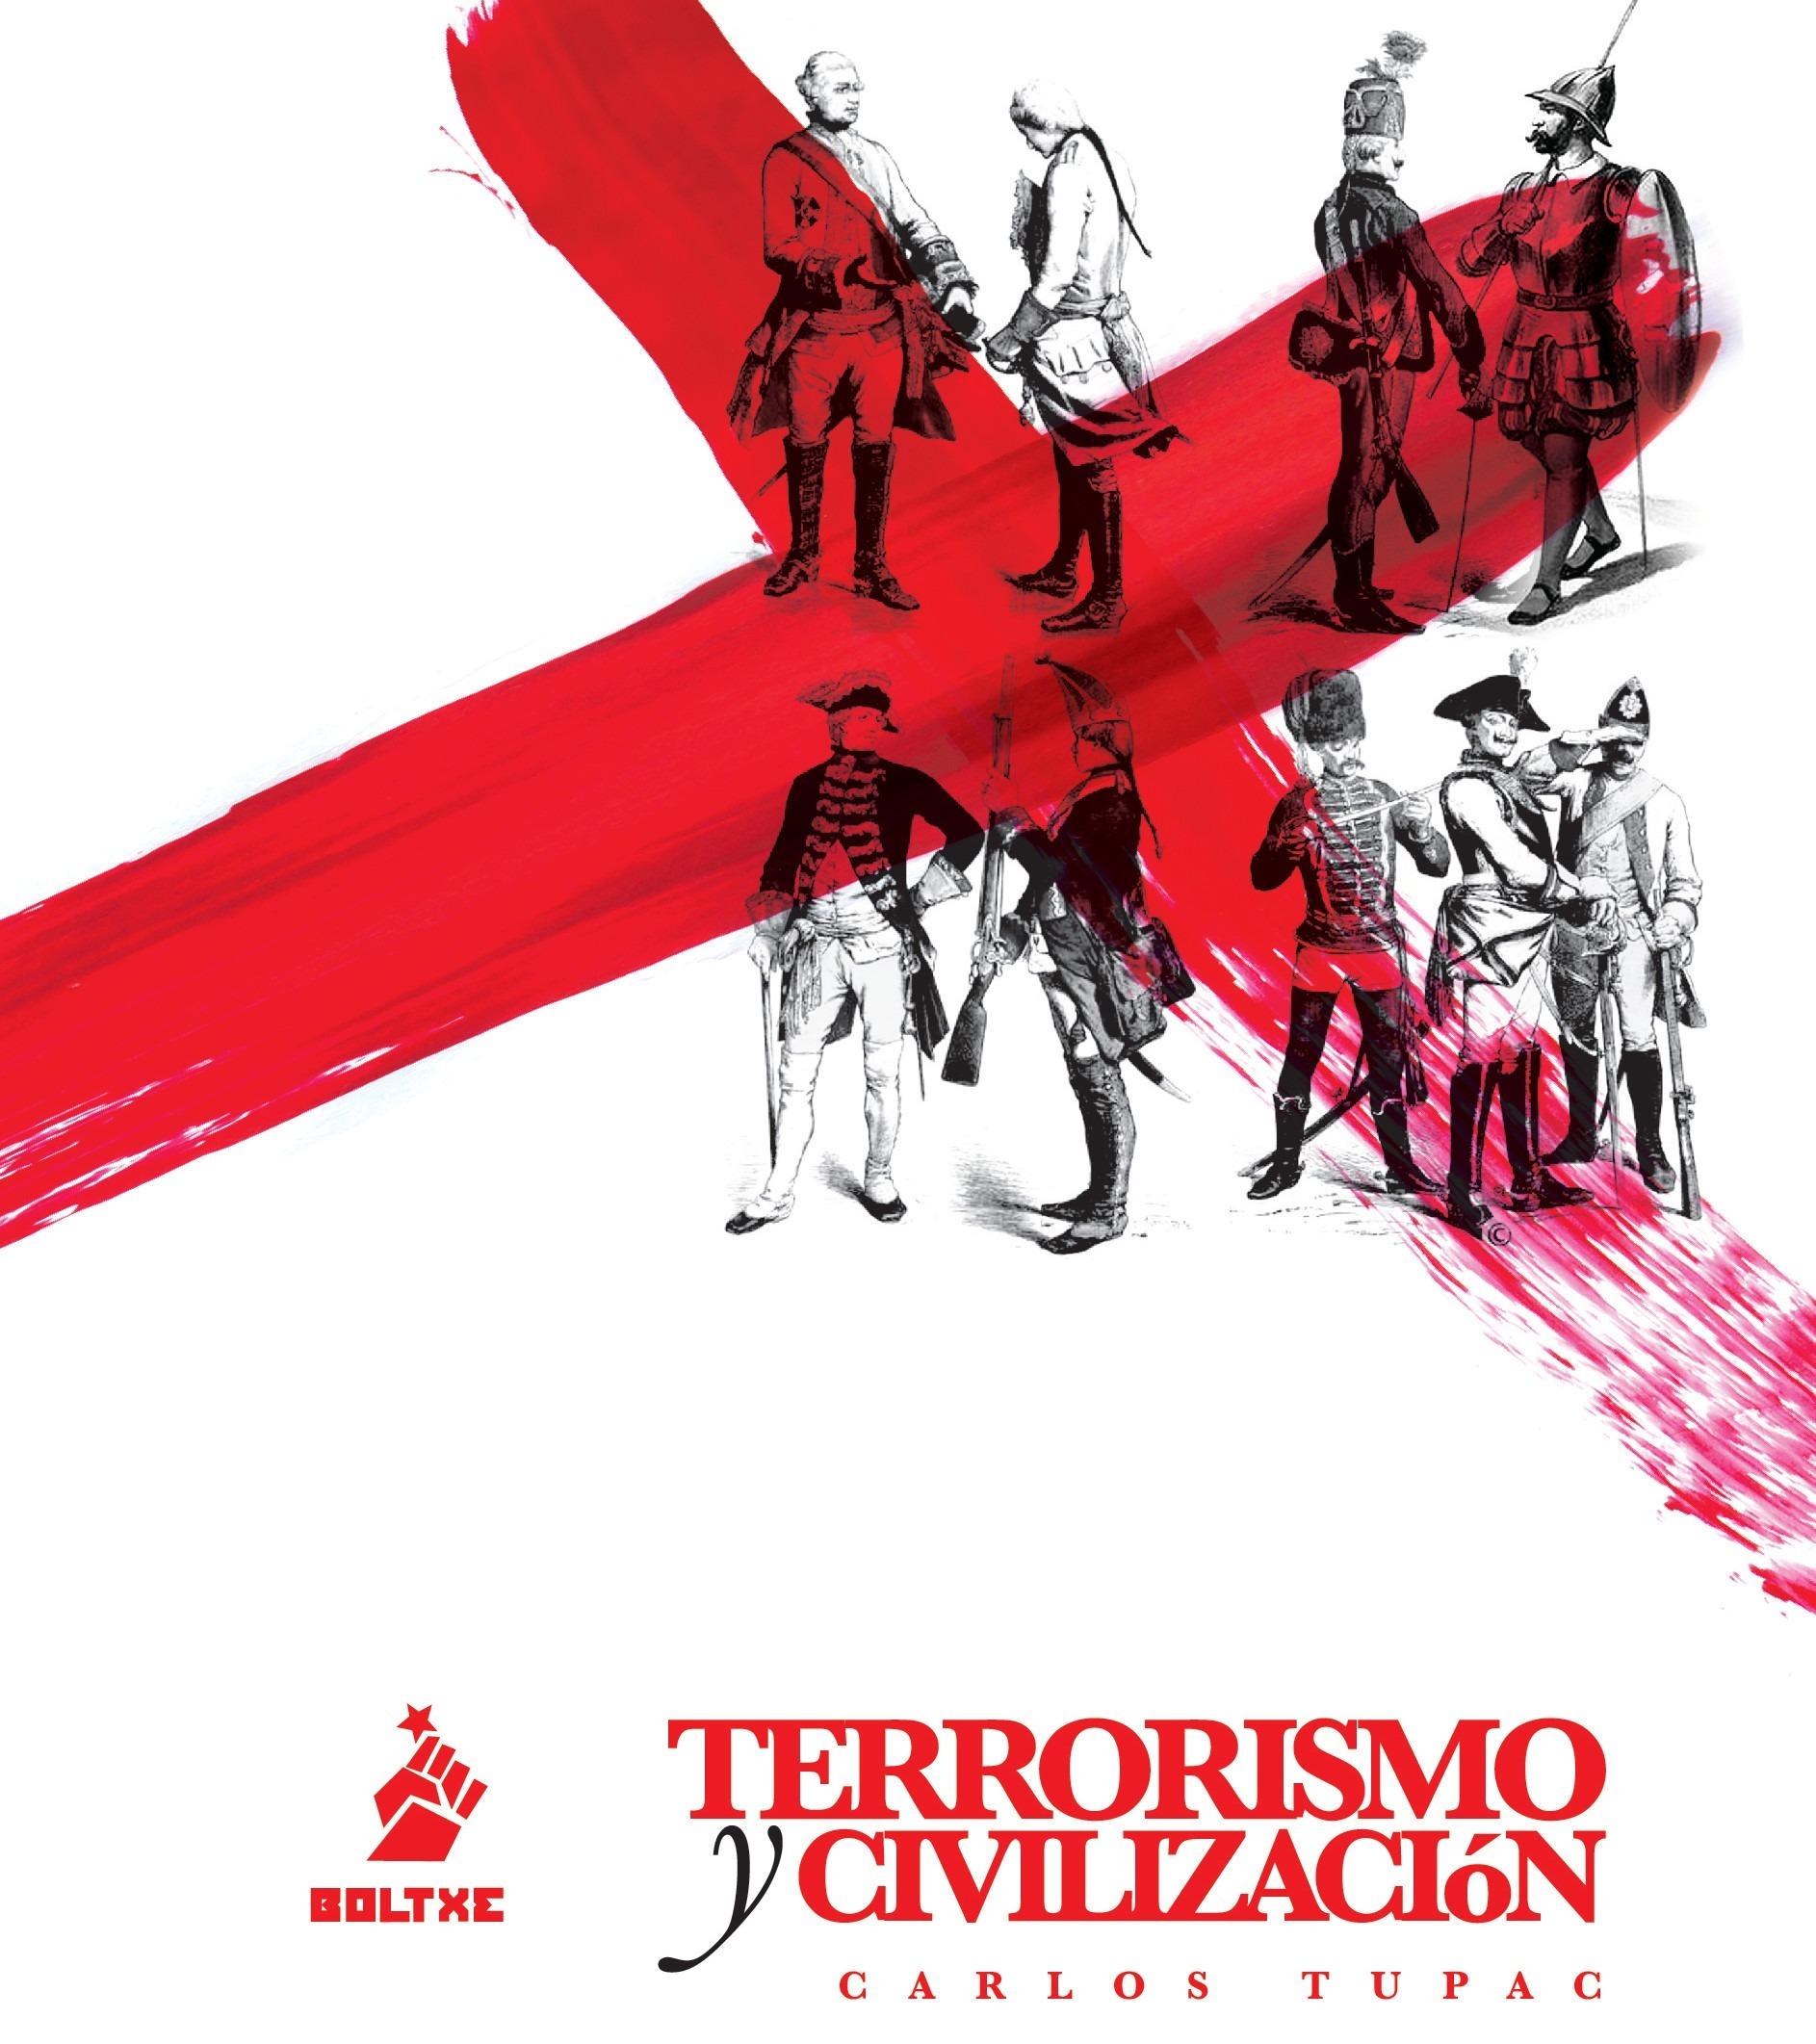 Terrorismo y civilización (Tercera parte)